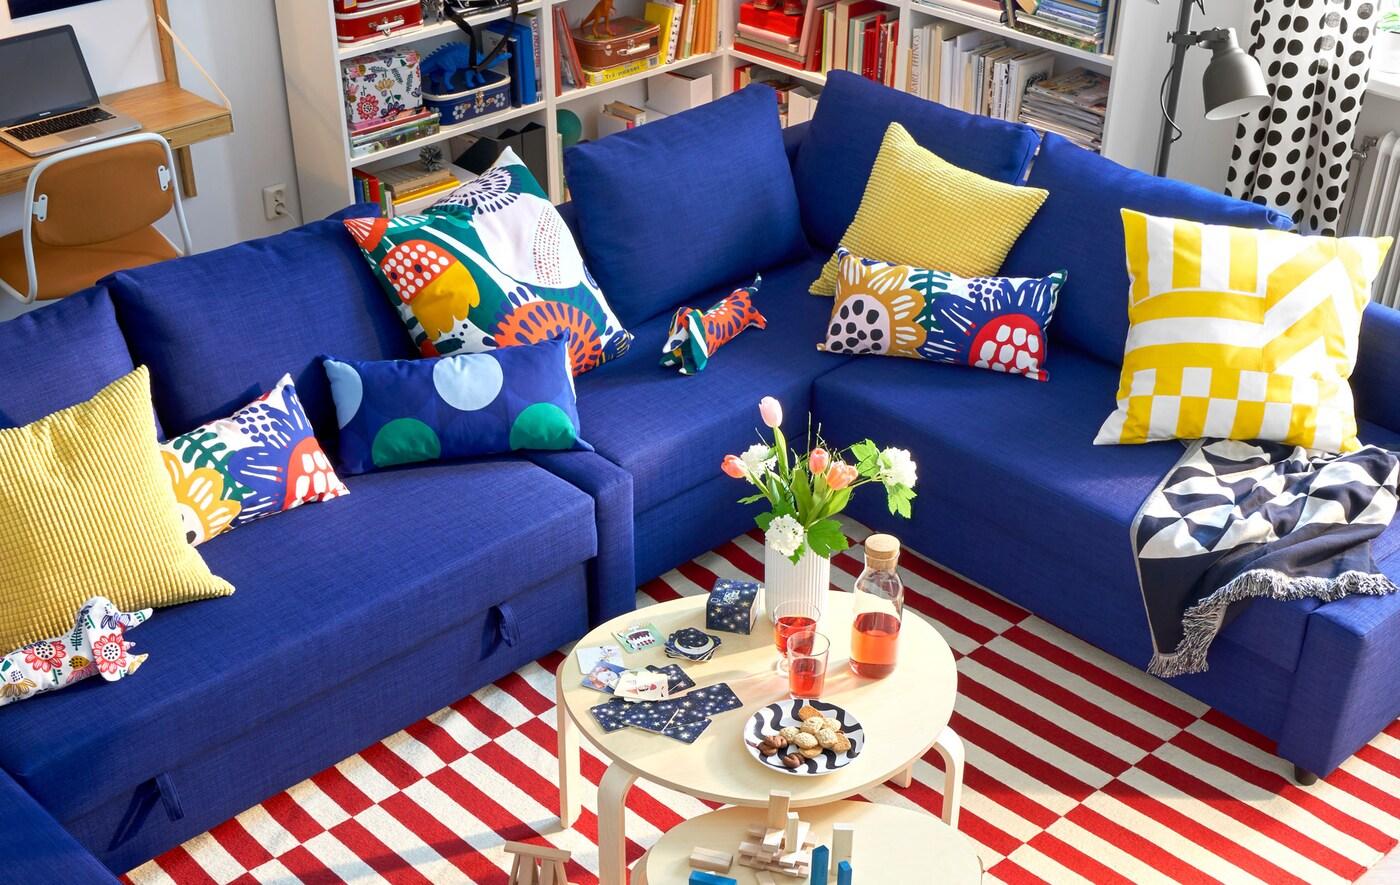 Lien vers blogue IDÉES 'Petite maison s'adapte à la famille qui s'agrandit' - photo d'un salon comprenant un canapé d'angle FRIHETEN bleu et des textiles colorés.